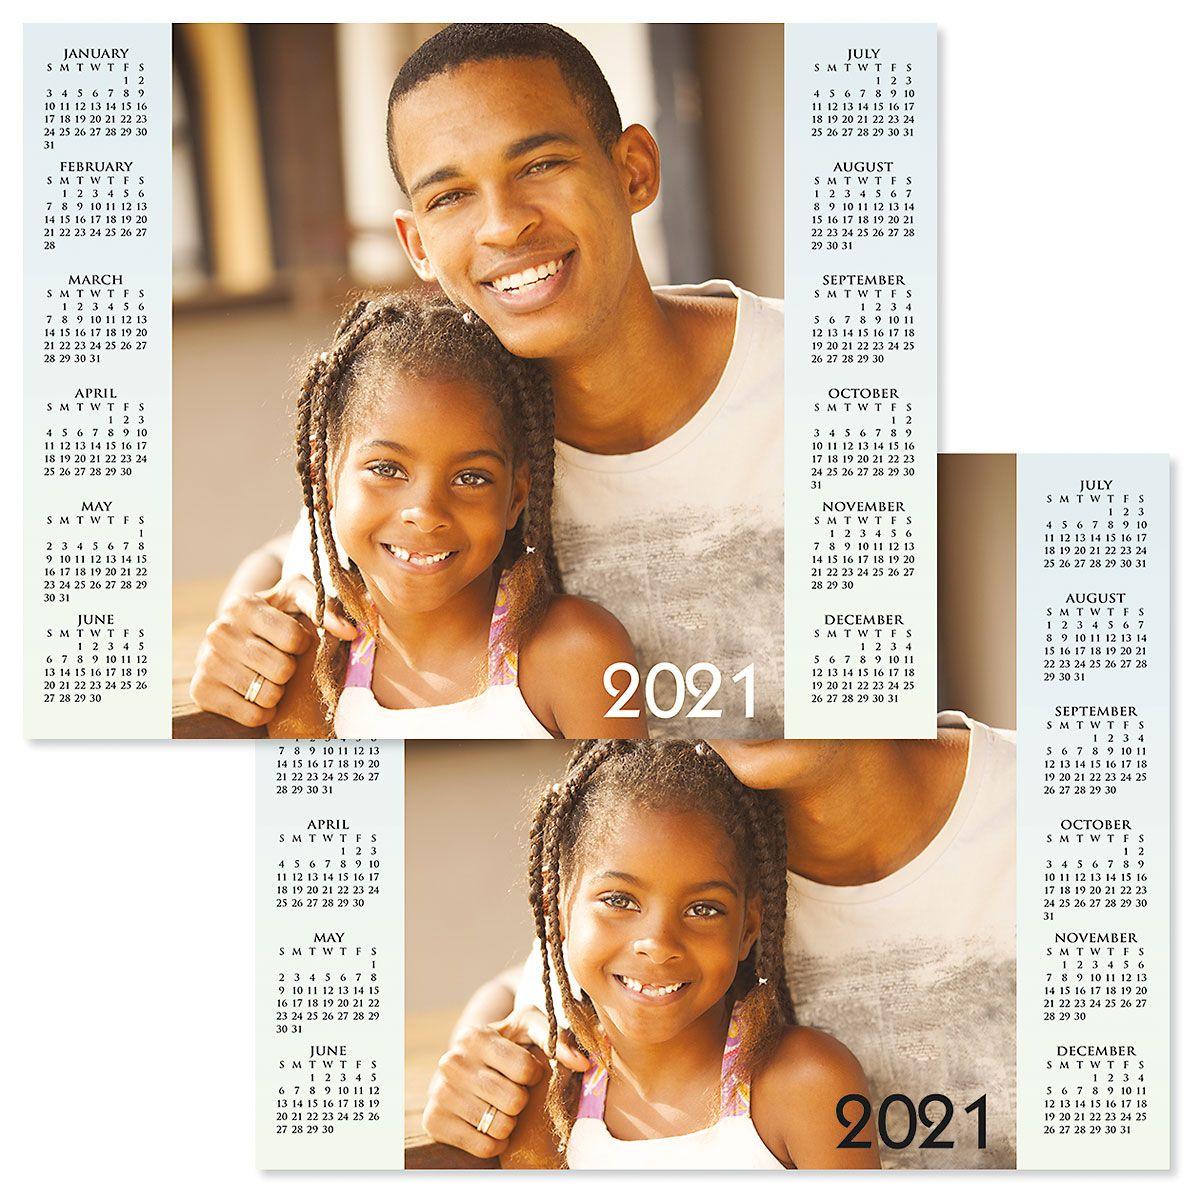 2021 Year at a Glance Photo Calendar